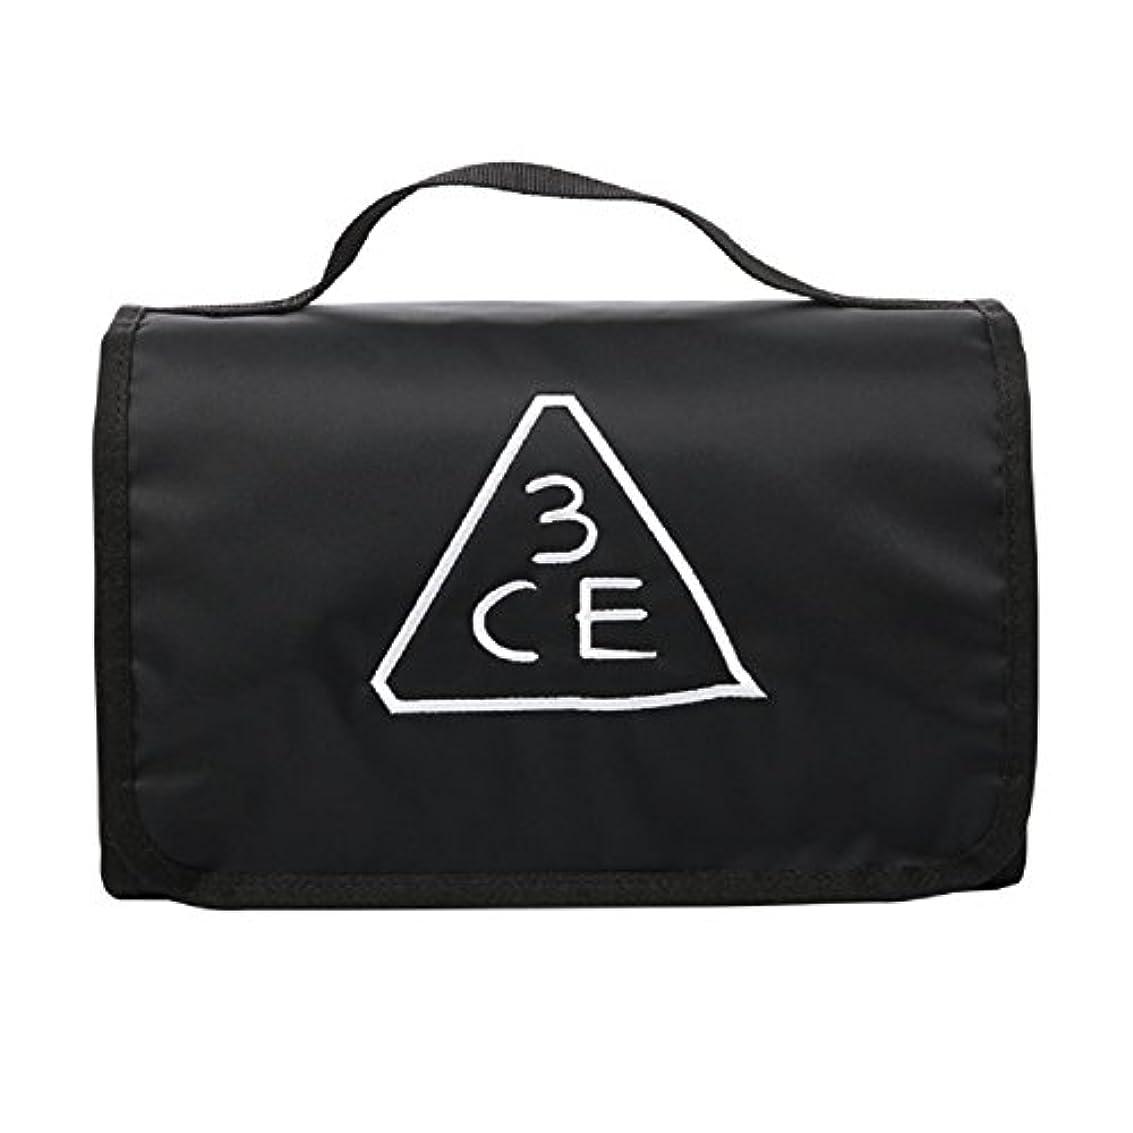 六分儀ヒゲ秀でる3CE(3 CONCEPT EYES) WASH BAG ワッシュバッグ BIG SIZE COSMETIC POUCH 大きなサイズの化粧品のポ BLACK FREE SIZE [韓国並行輸入品]